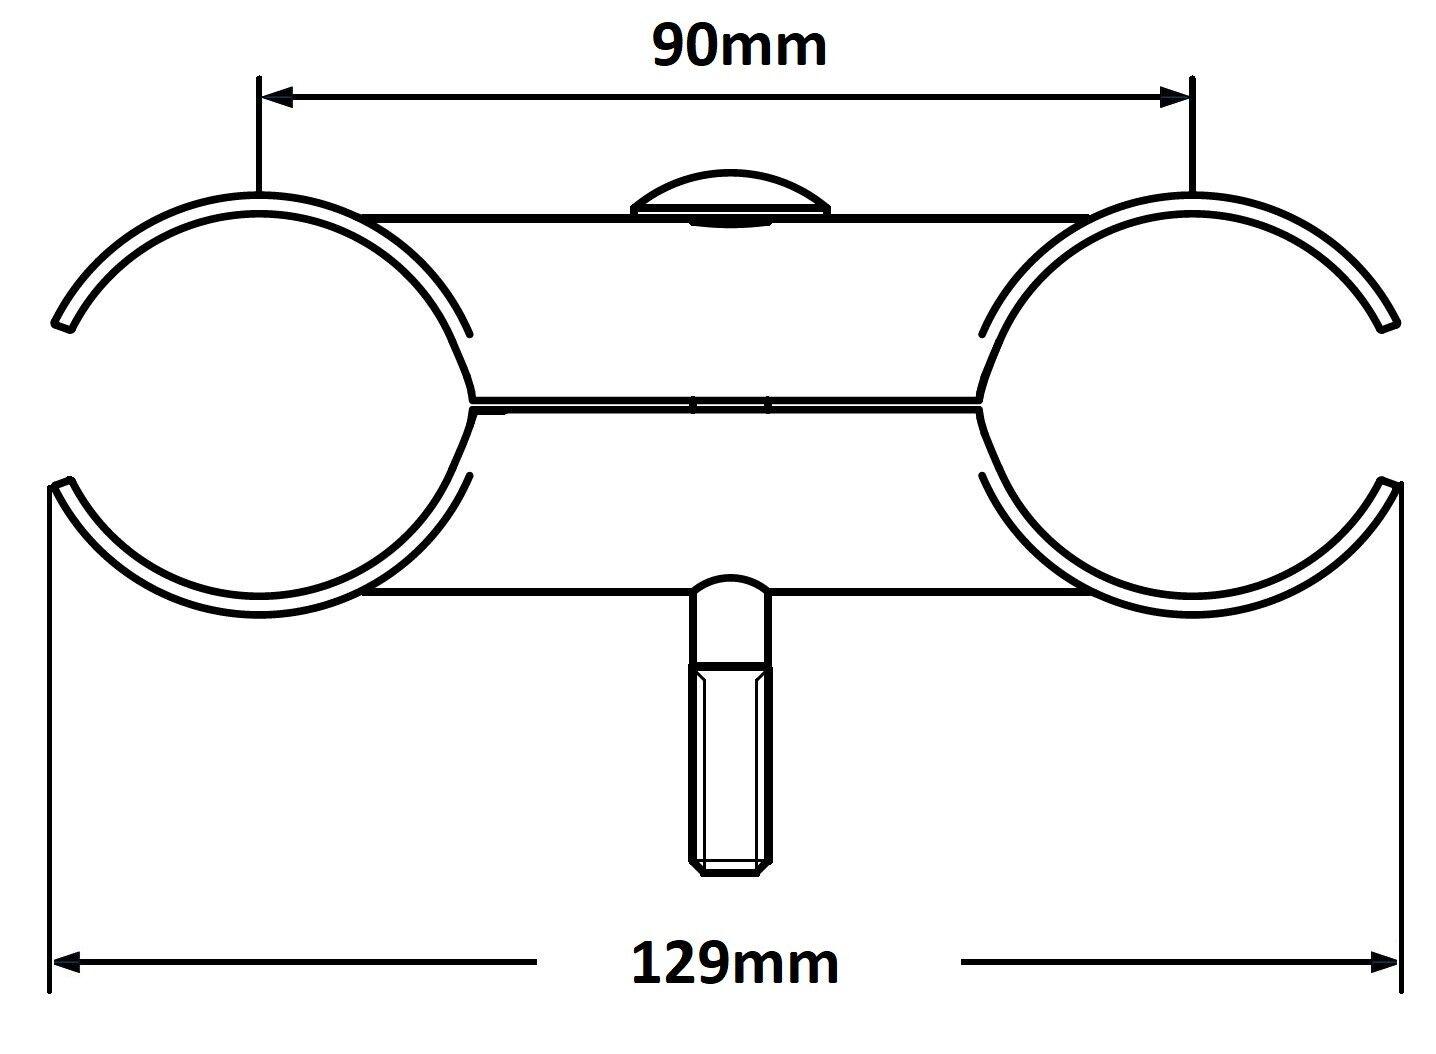 Doppelschelle BAUZAUNSCHELLE Zaunverbinder Pfostenverbinder Pfostenschelle Zaun